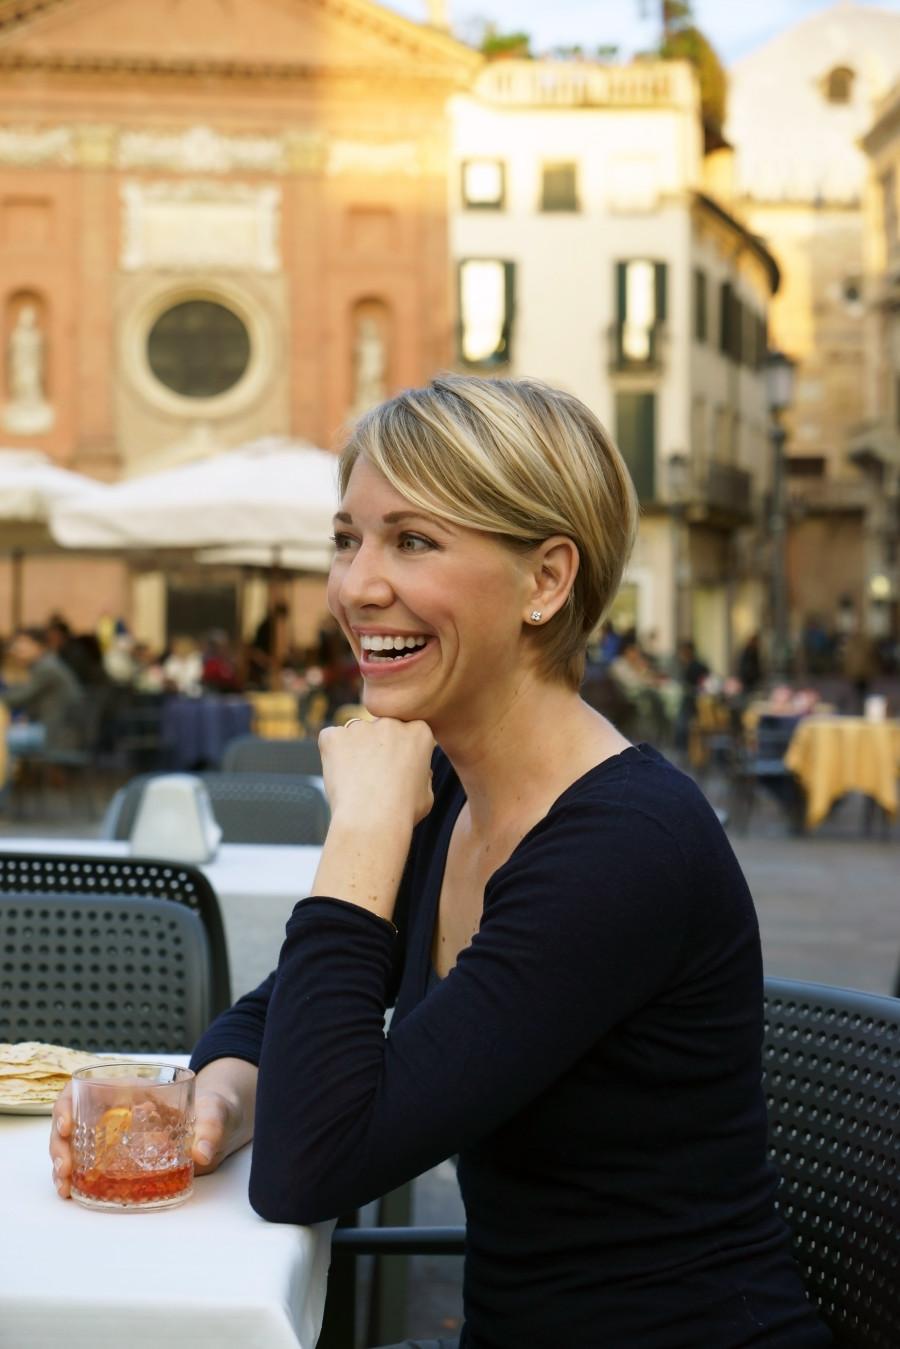 Marisa Portrait